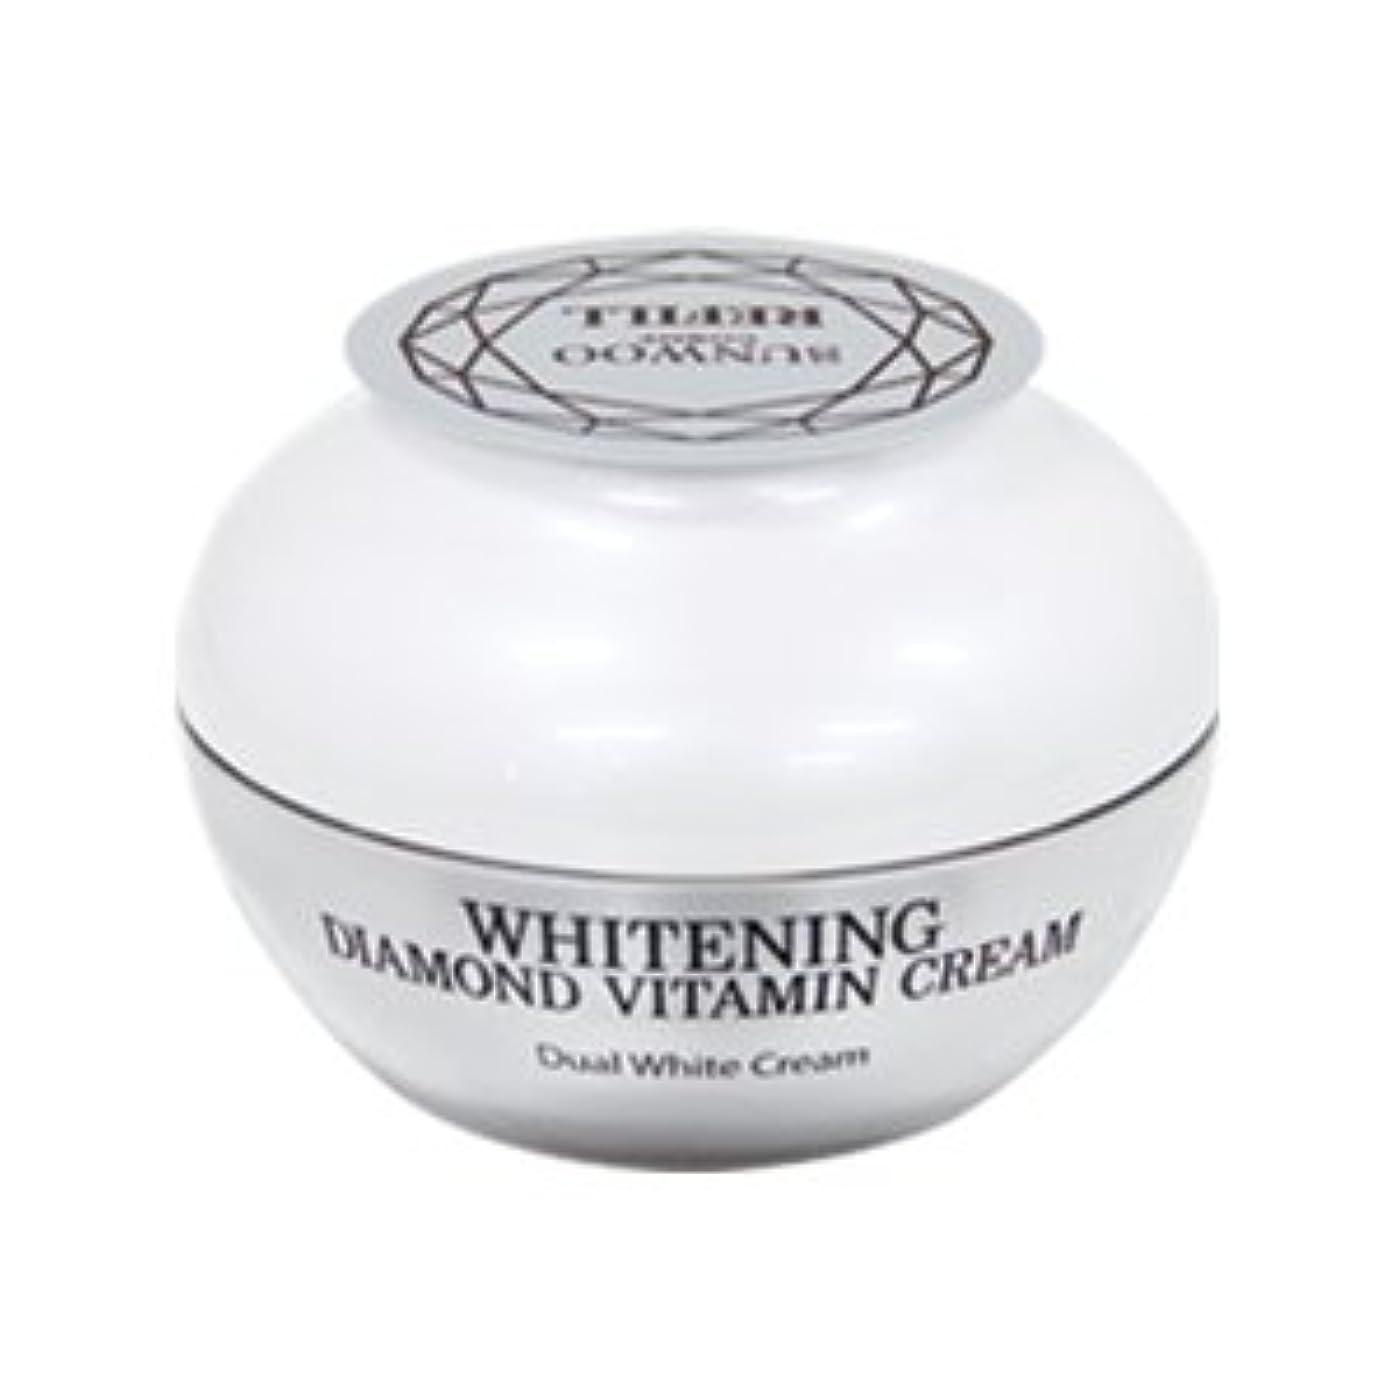 いつもクラック虫を数えるWhitening Diamond Vitamin Cream(詰替え)